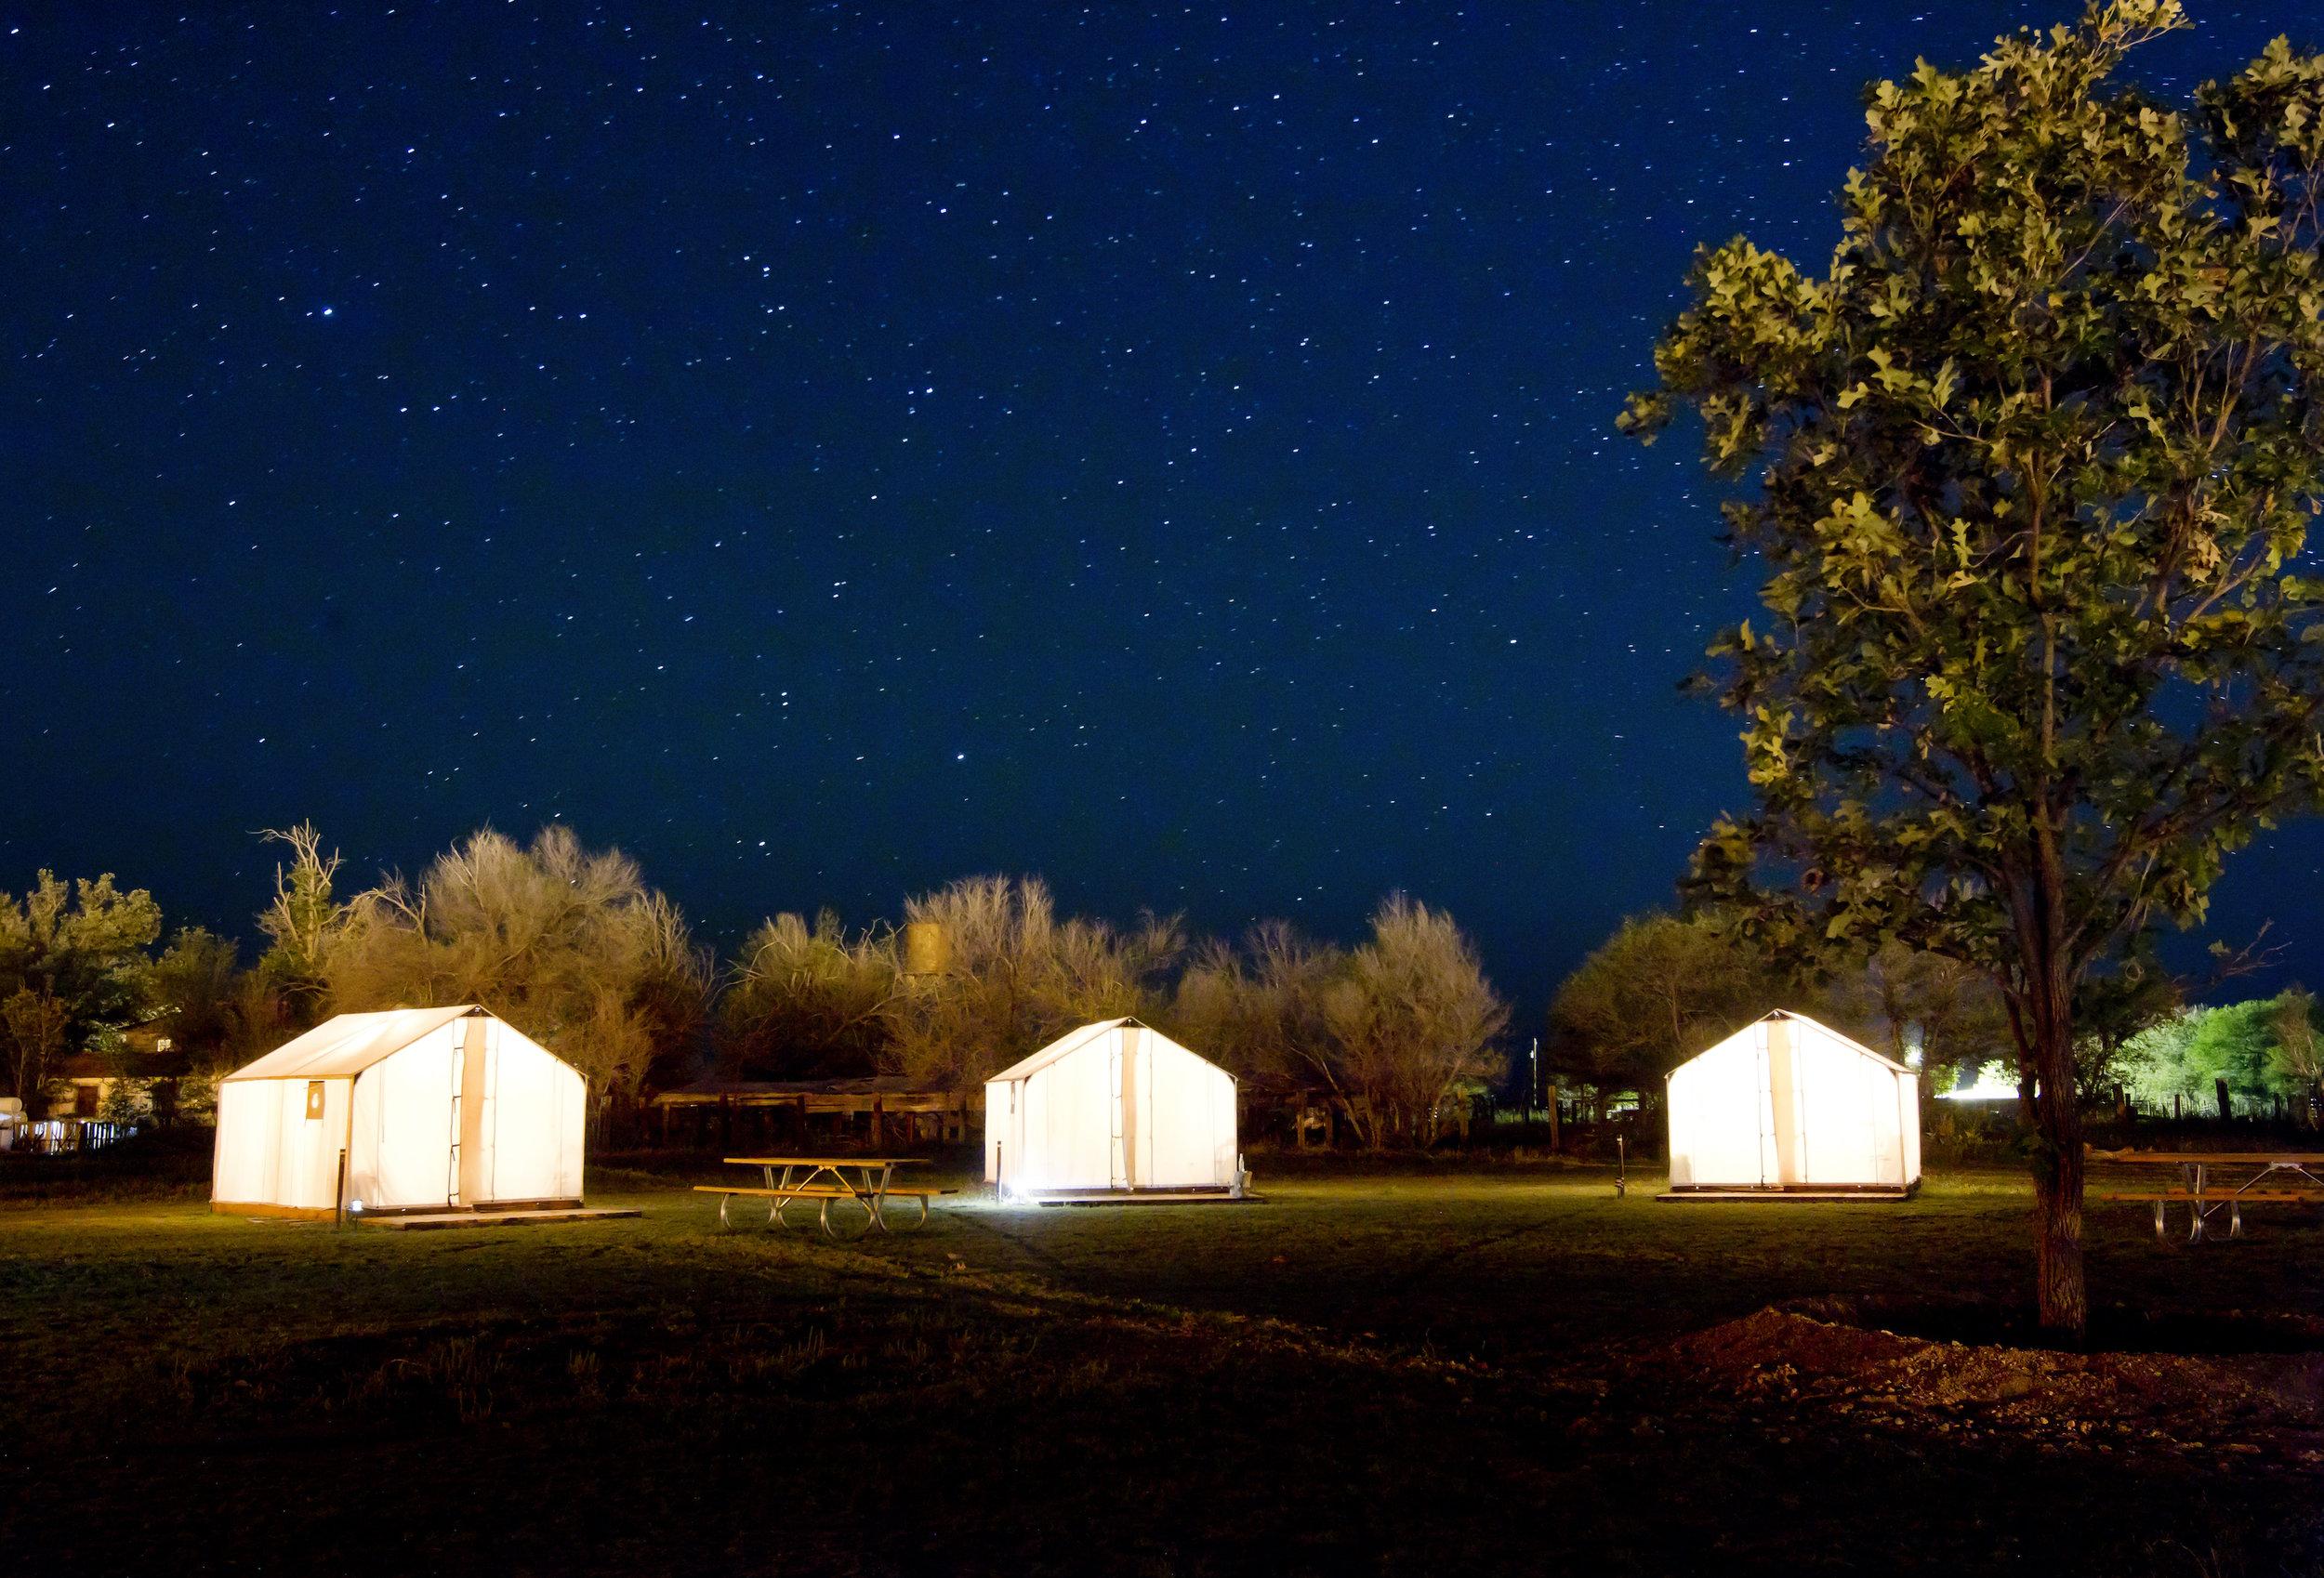 El Comisco - Safari Tents at Night - Nick Simonite.jpg